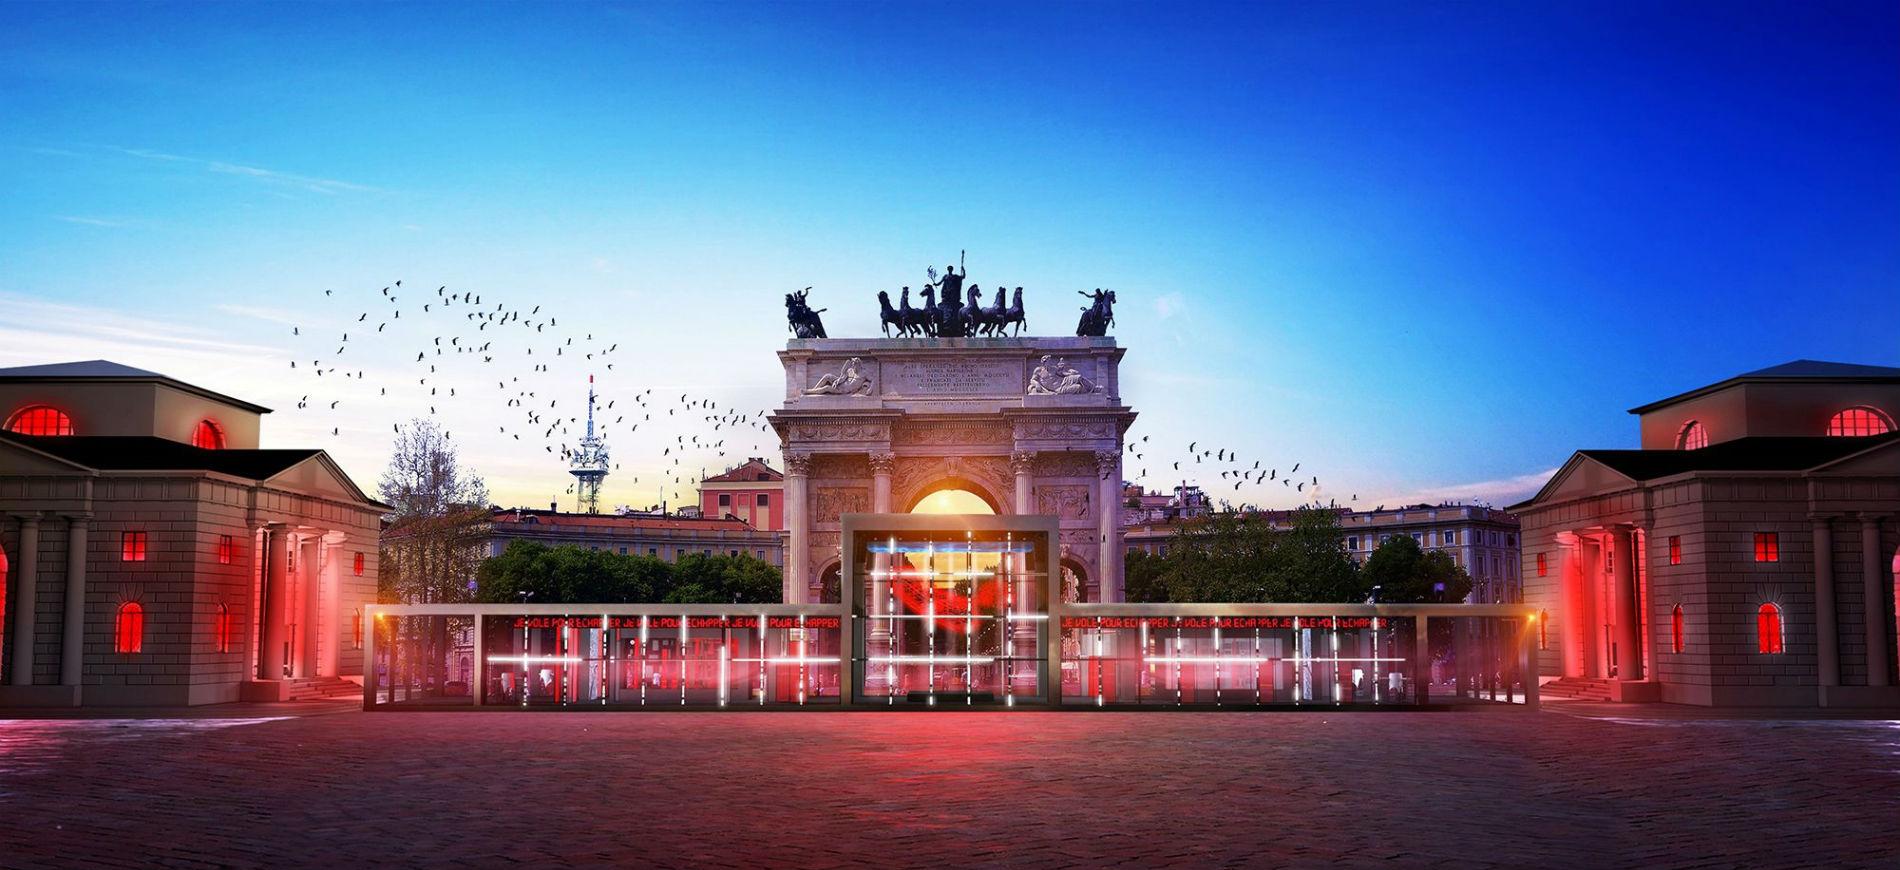 MILANO DESIGN WEEK 2018 - Fuorisalone: The best of - nell'immagine l'installazione di Cartier